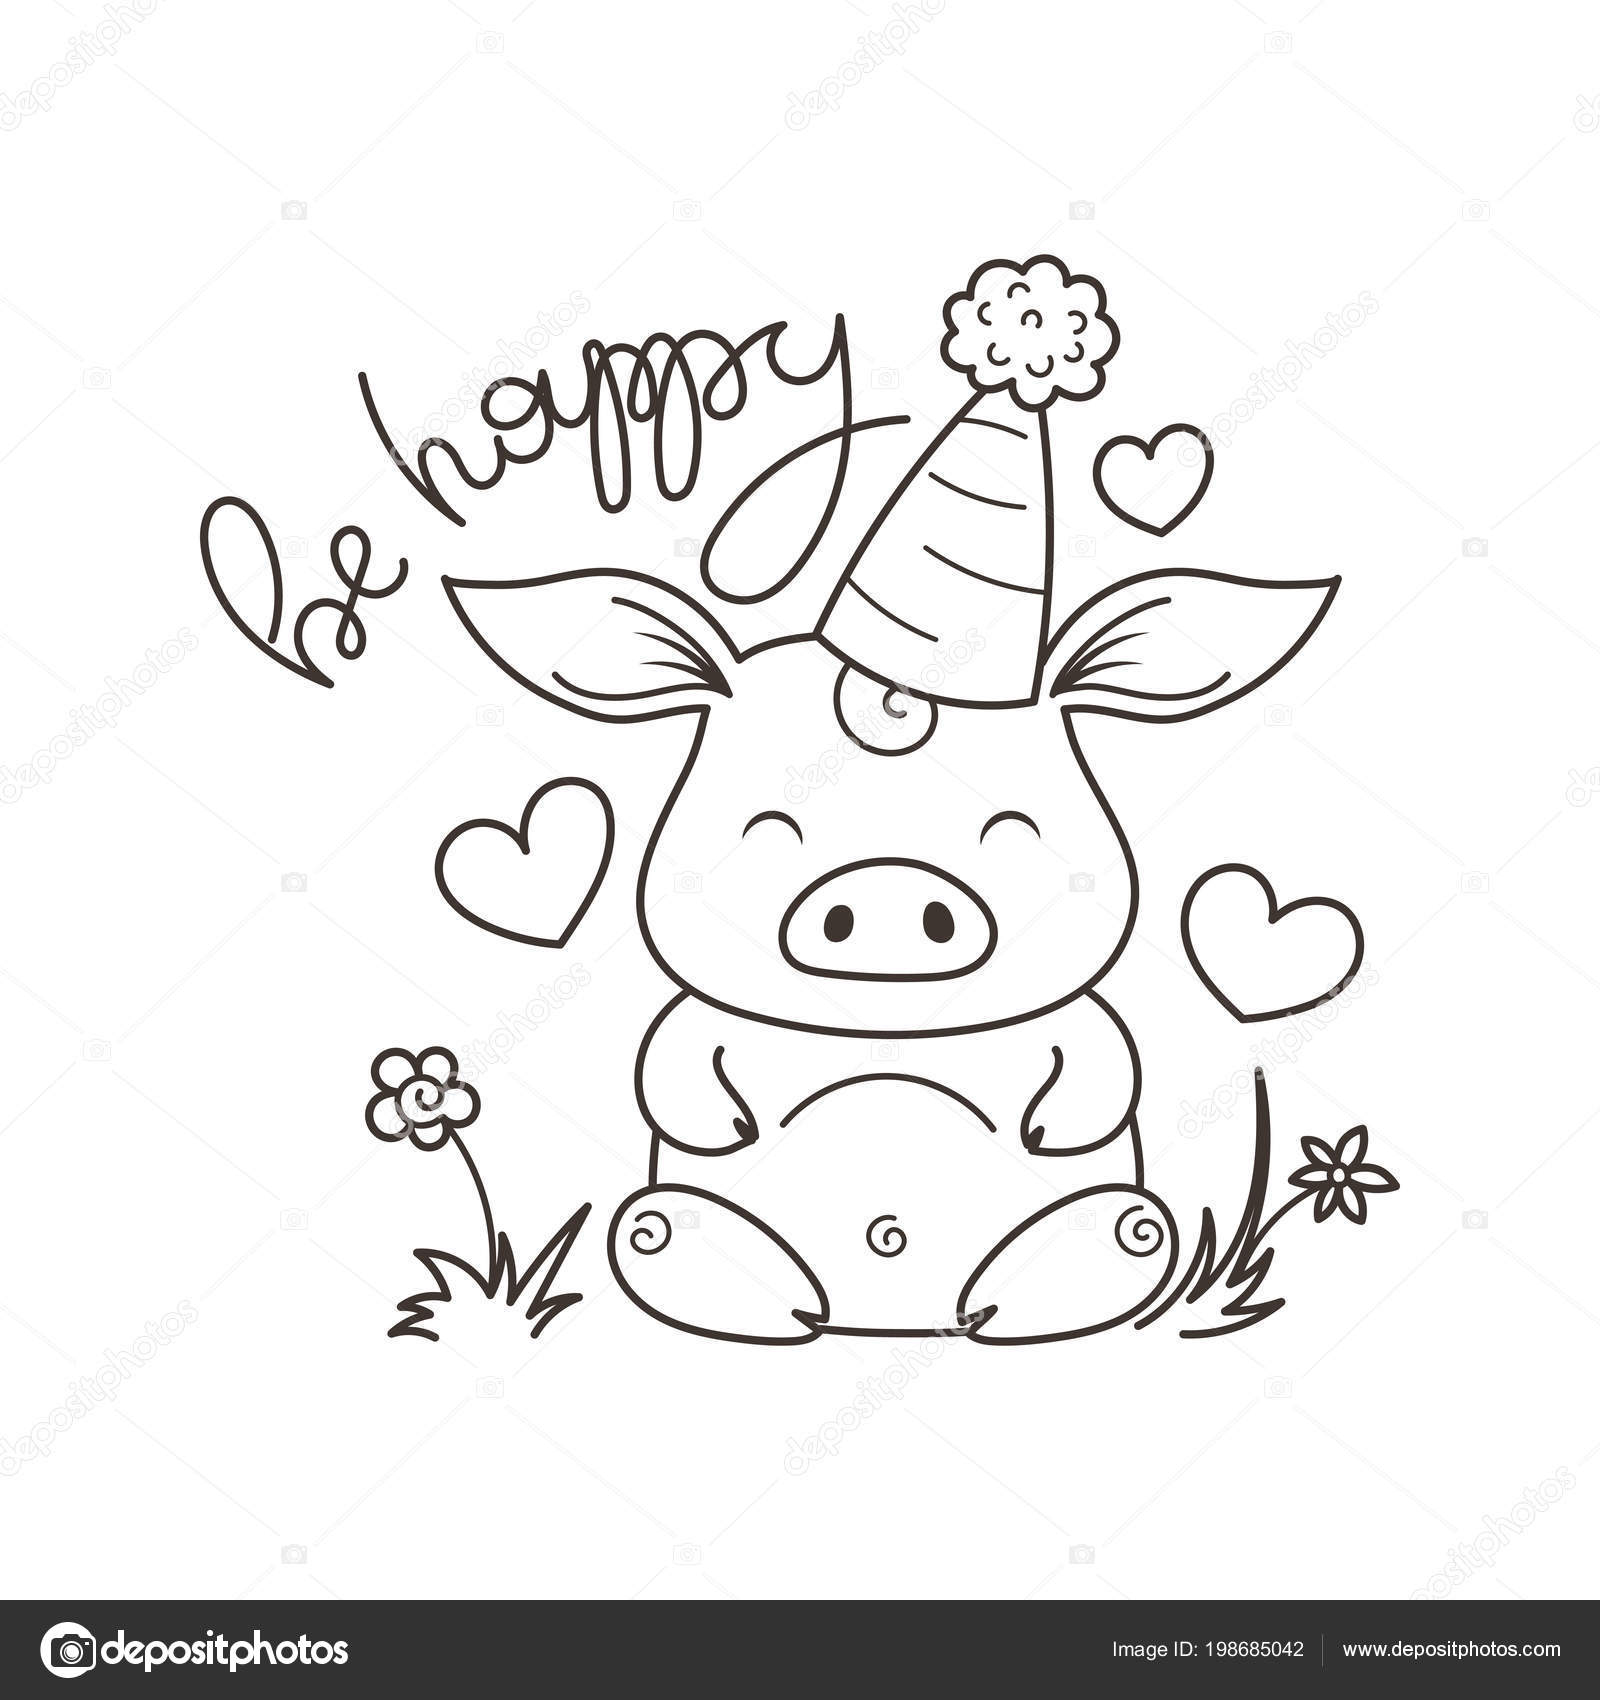 Kleurplaten Gelukkig Nieuwjaar 2019.Schattige Cartoon Kat In Liefde Symbool Van 2019 Nieuwjaar